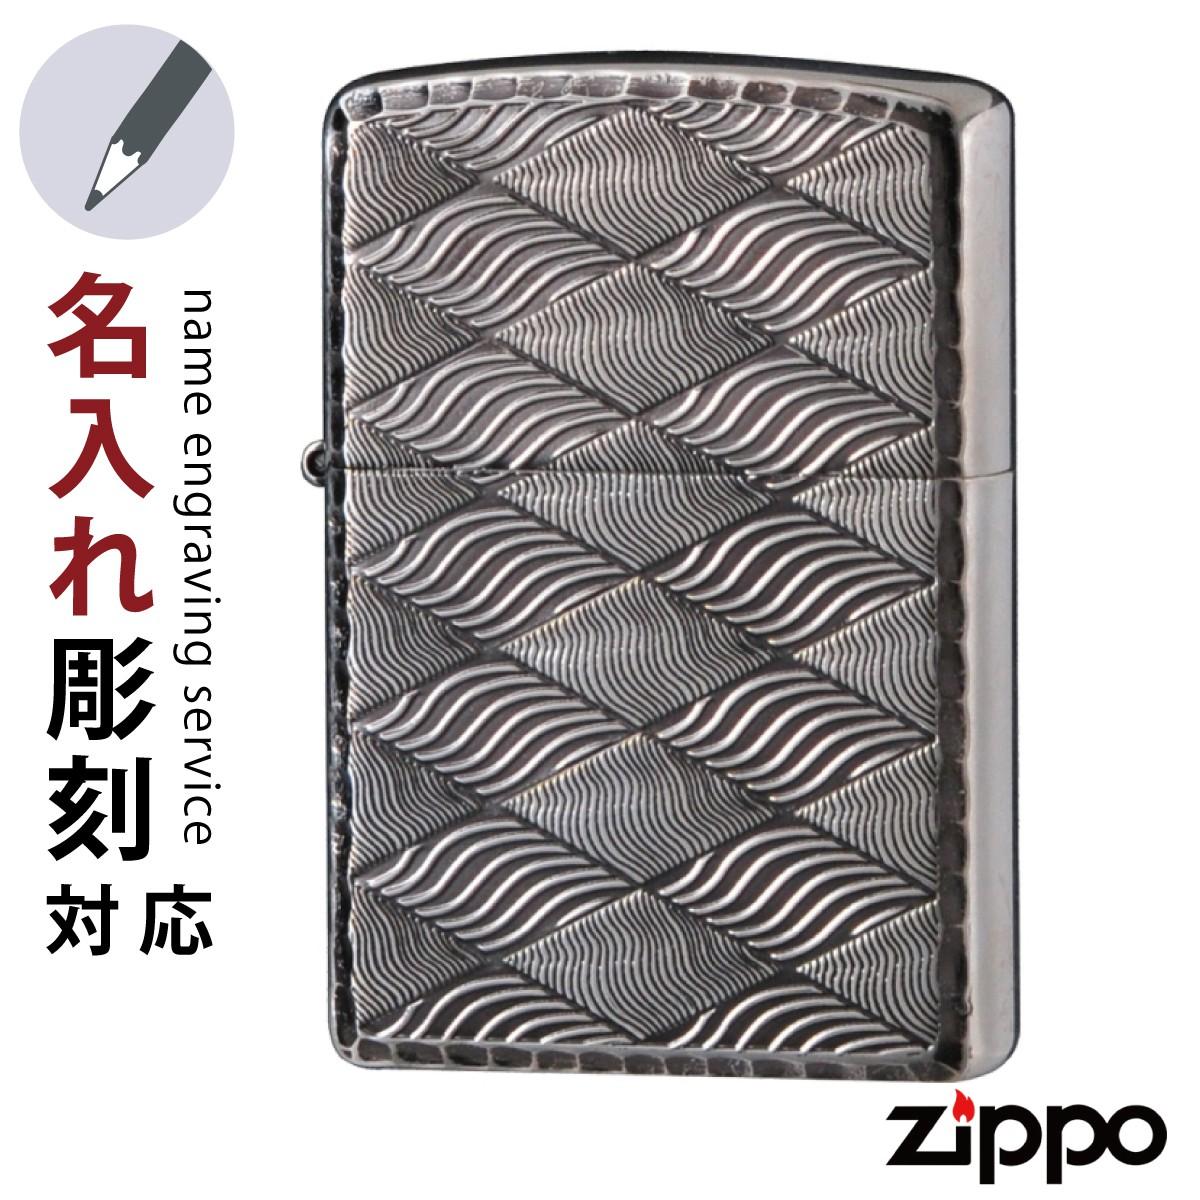 zippo 名入れ ジッポー ライター 銀メッキイブシ 2SI-RHO 名入れ ギフト オイルライター ジッポライター ギフト プレゼント メンズ レディース 男性用 女性用